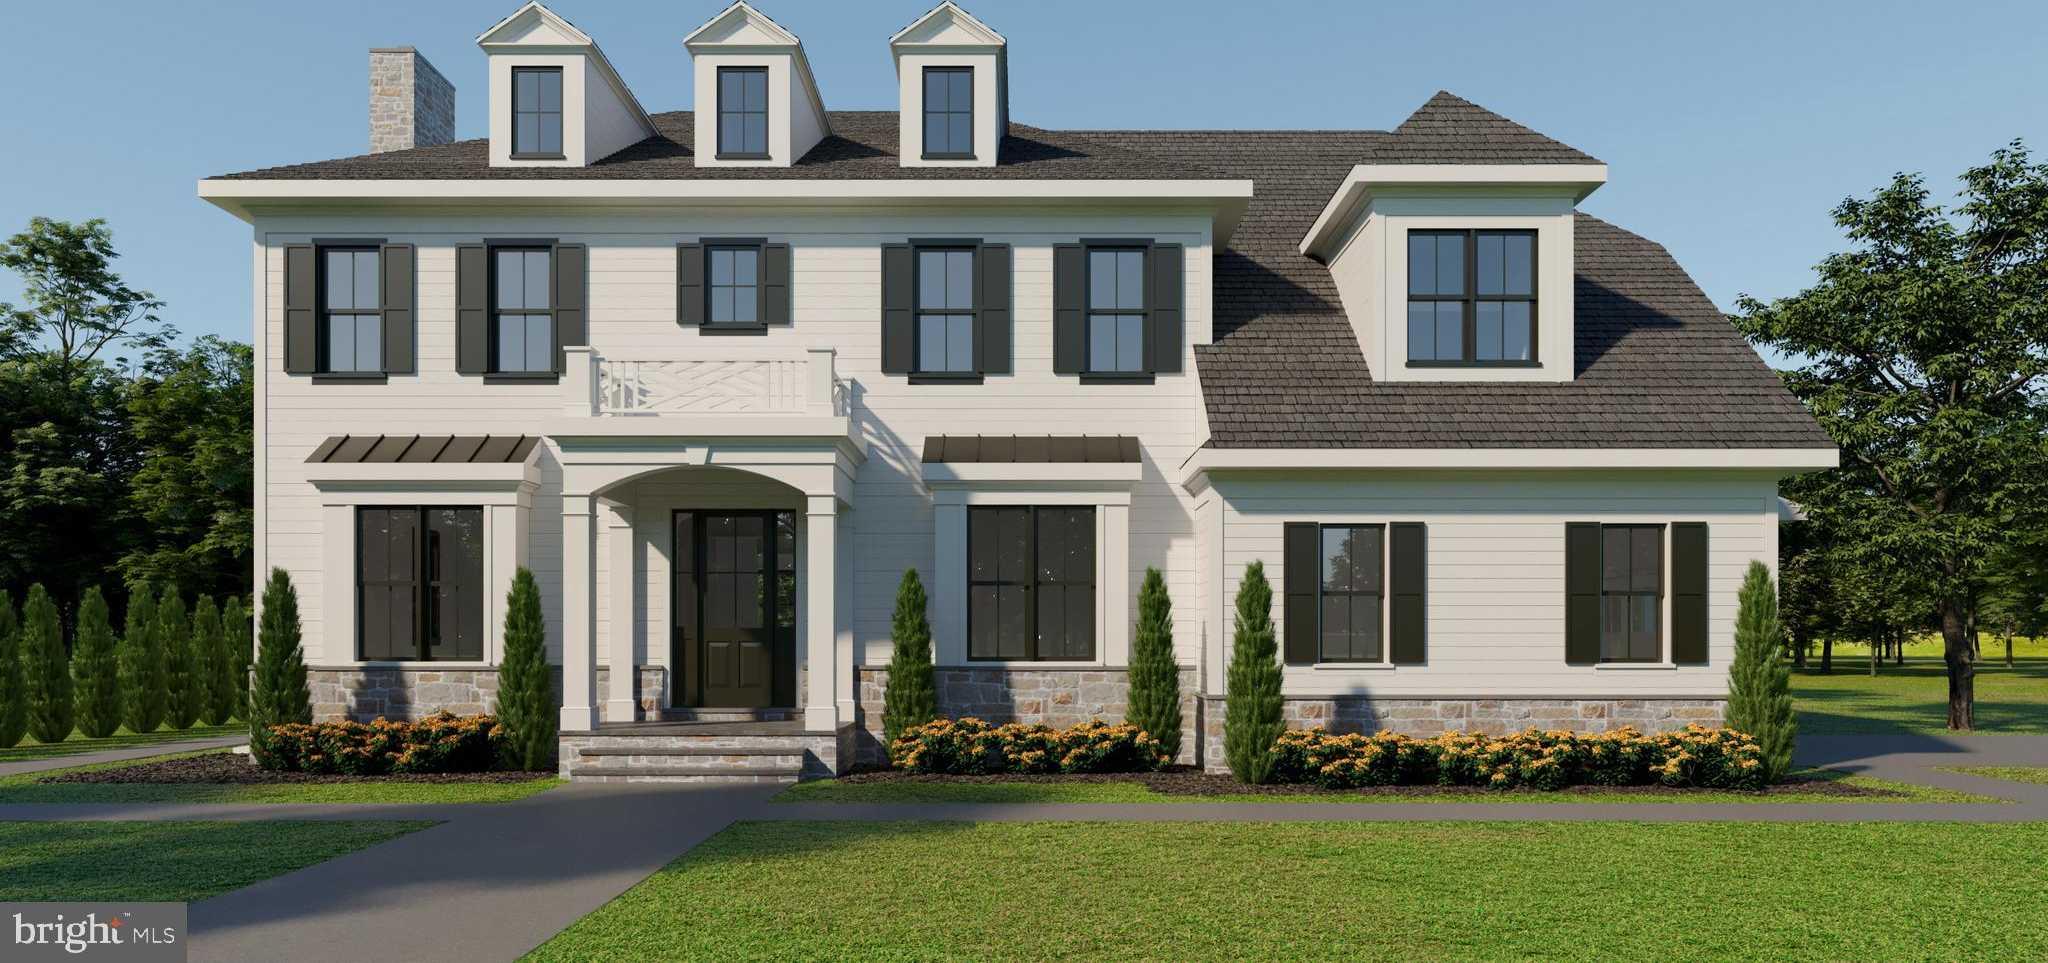 $3,395,000 - 6Br/8Ba -  for Sale in Bellevue Forest, Arlington